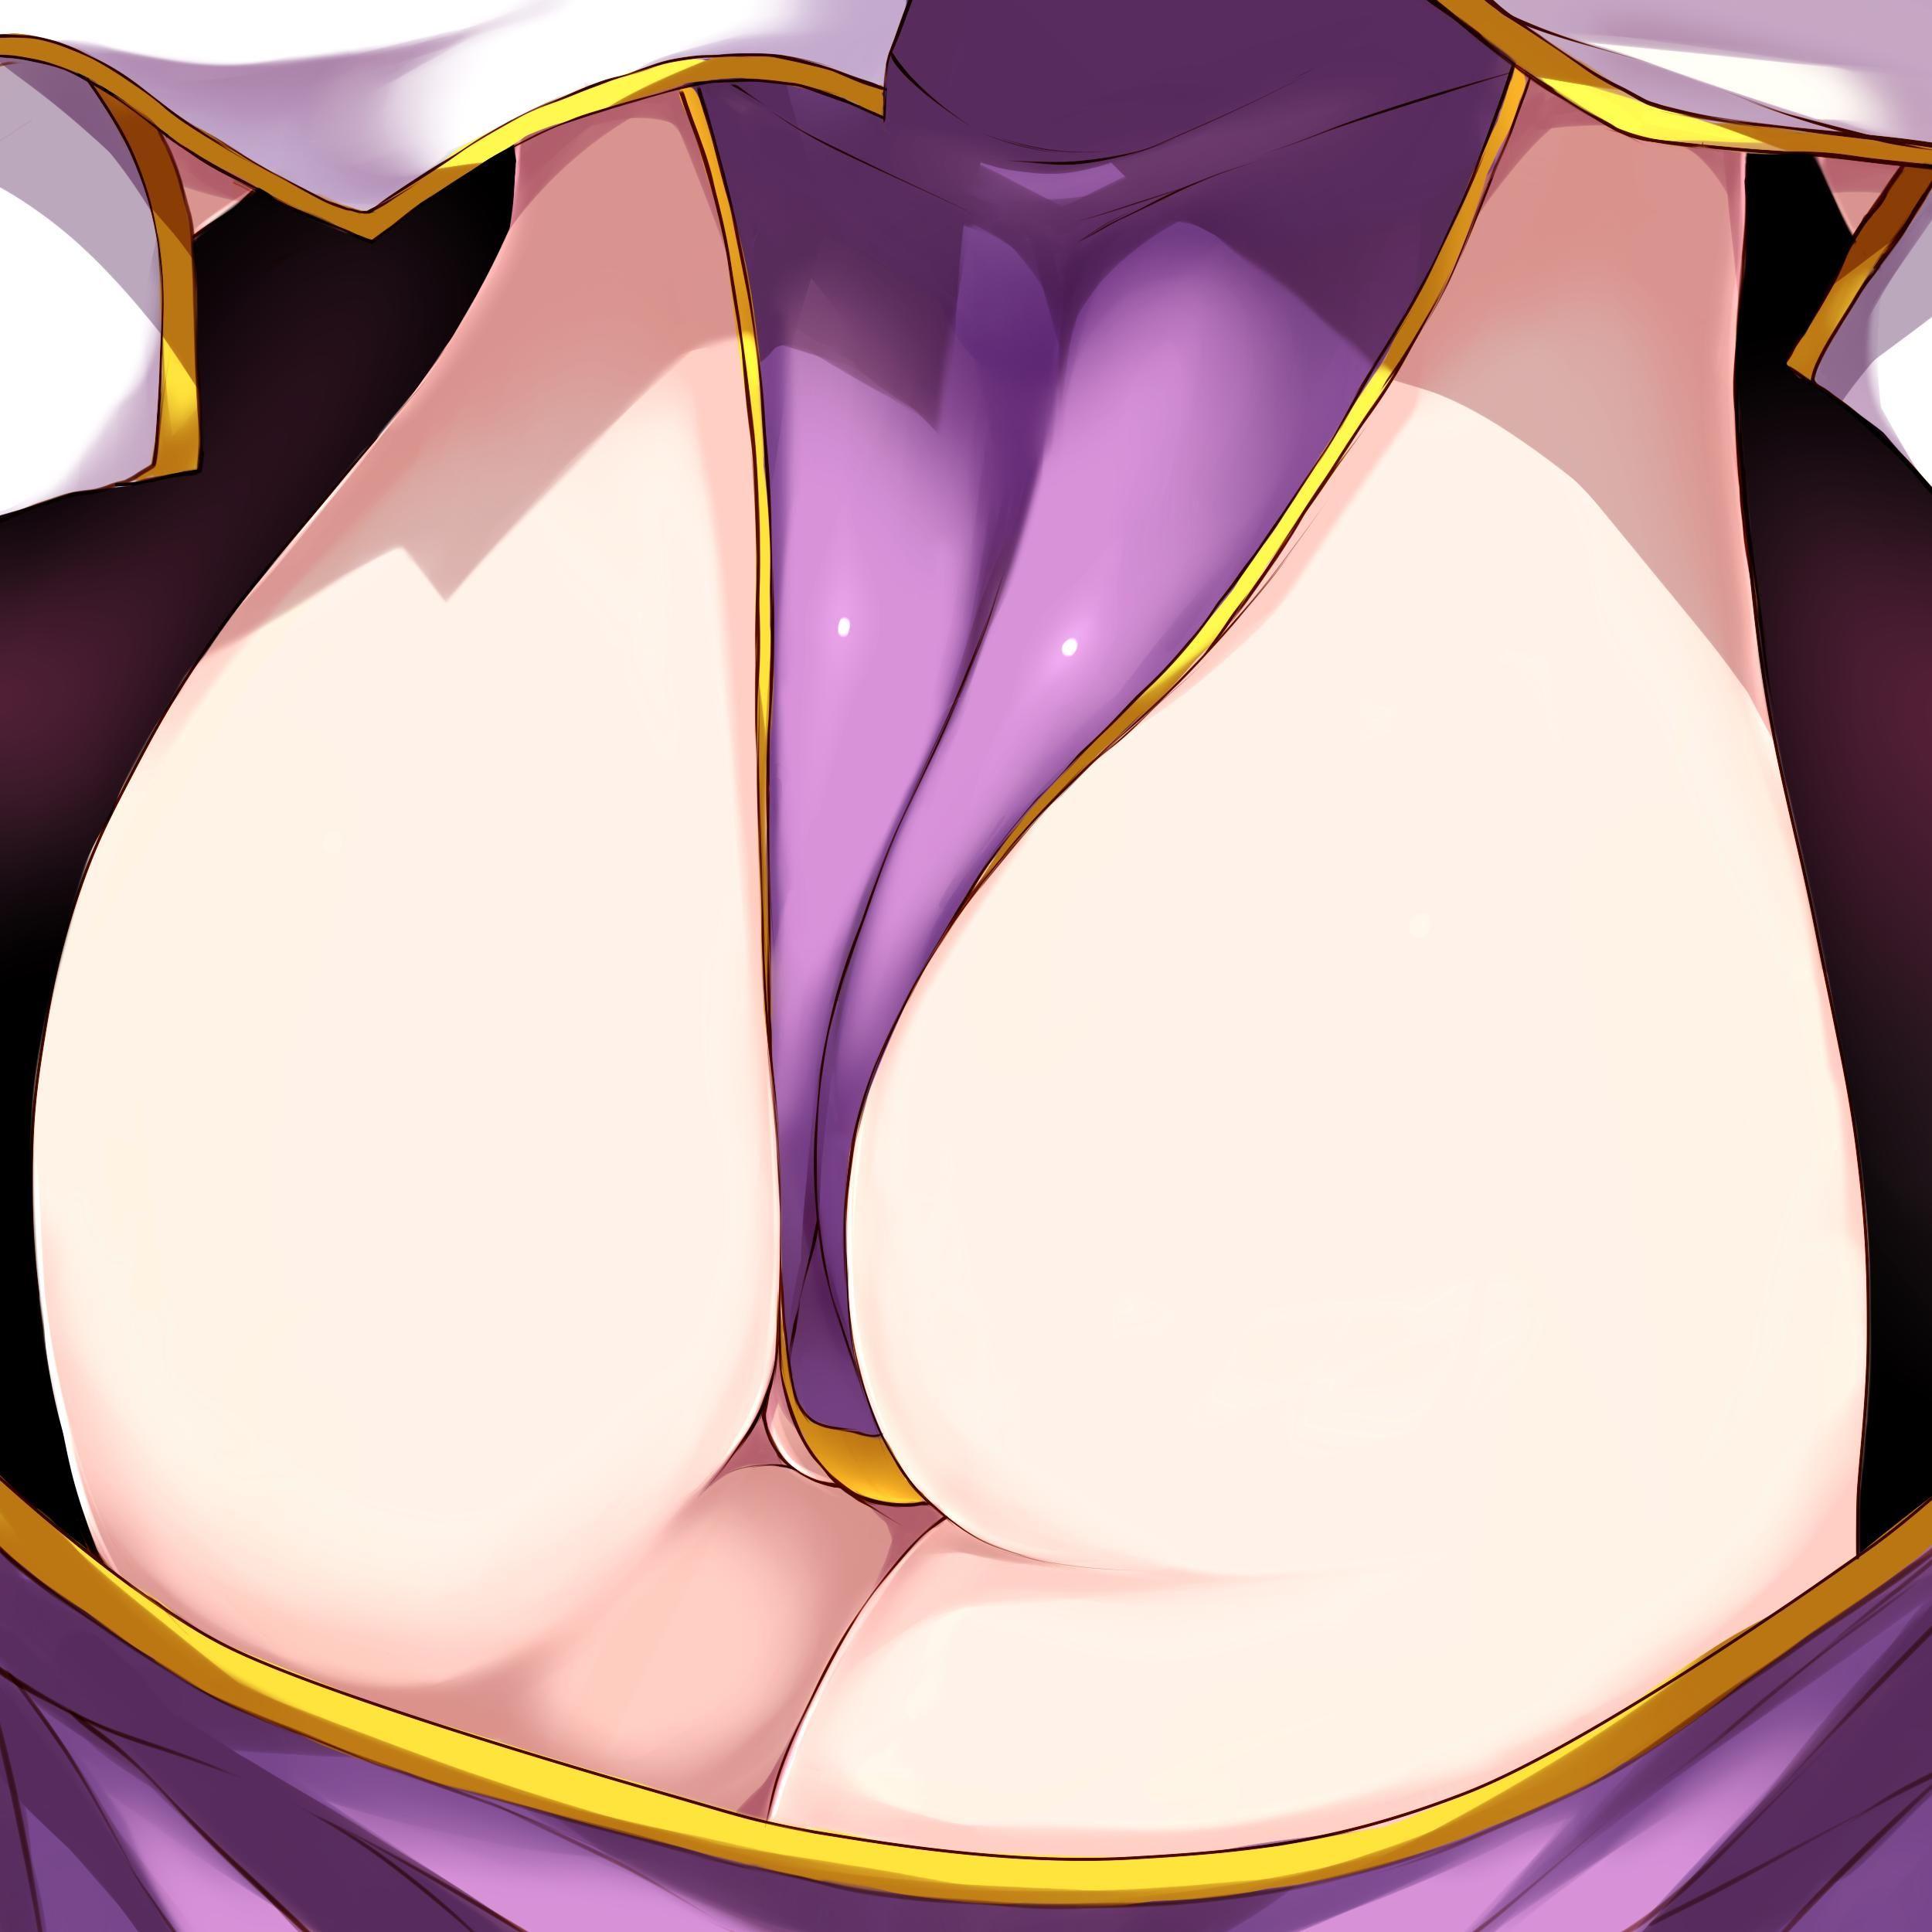 【接写】「俺は尻にしか興味が無い!」って方向け、お尻どアップの二次エロ画像【29】